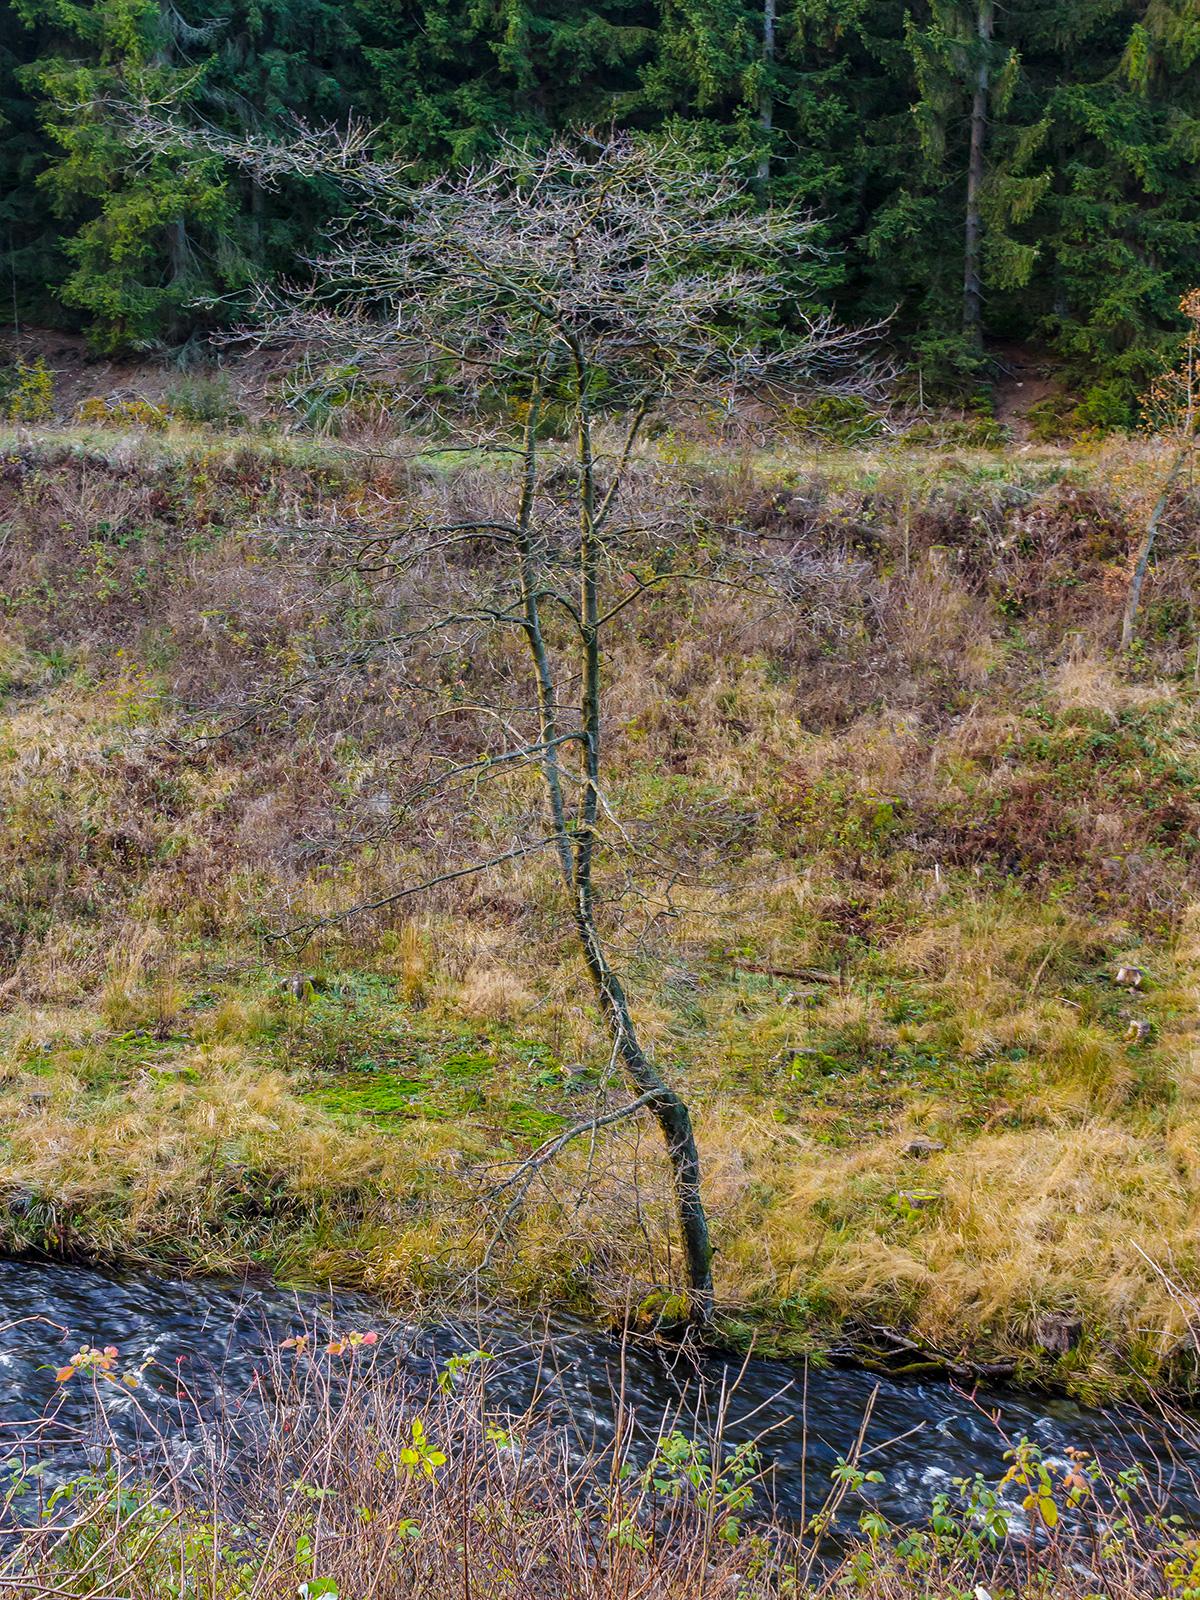 Erle inmitten von degradiertem Boden